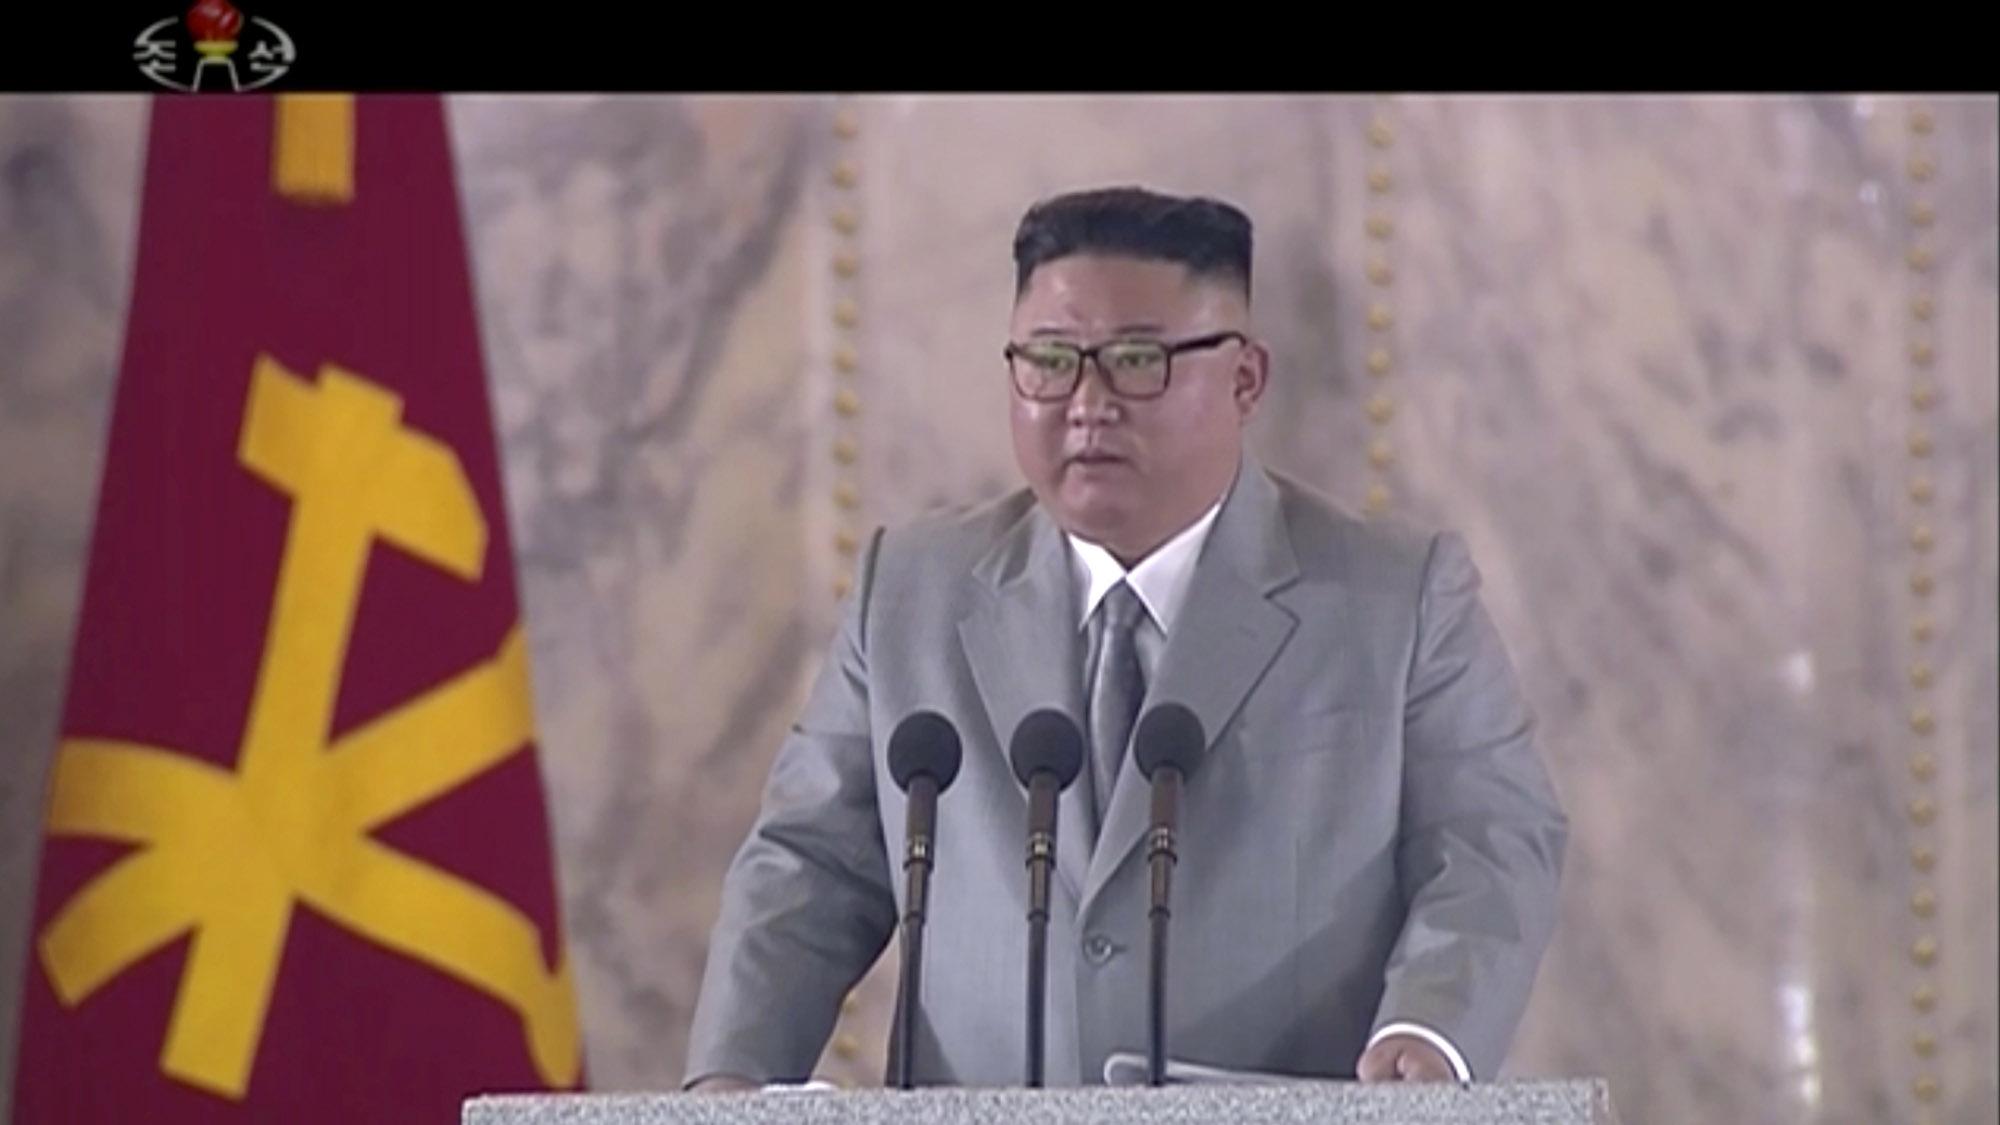 2020年10月10日,朝鲜领导人金正恩在朝鲜劳动党成立75周年阅兵式上讲话。(美联社)